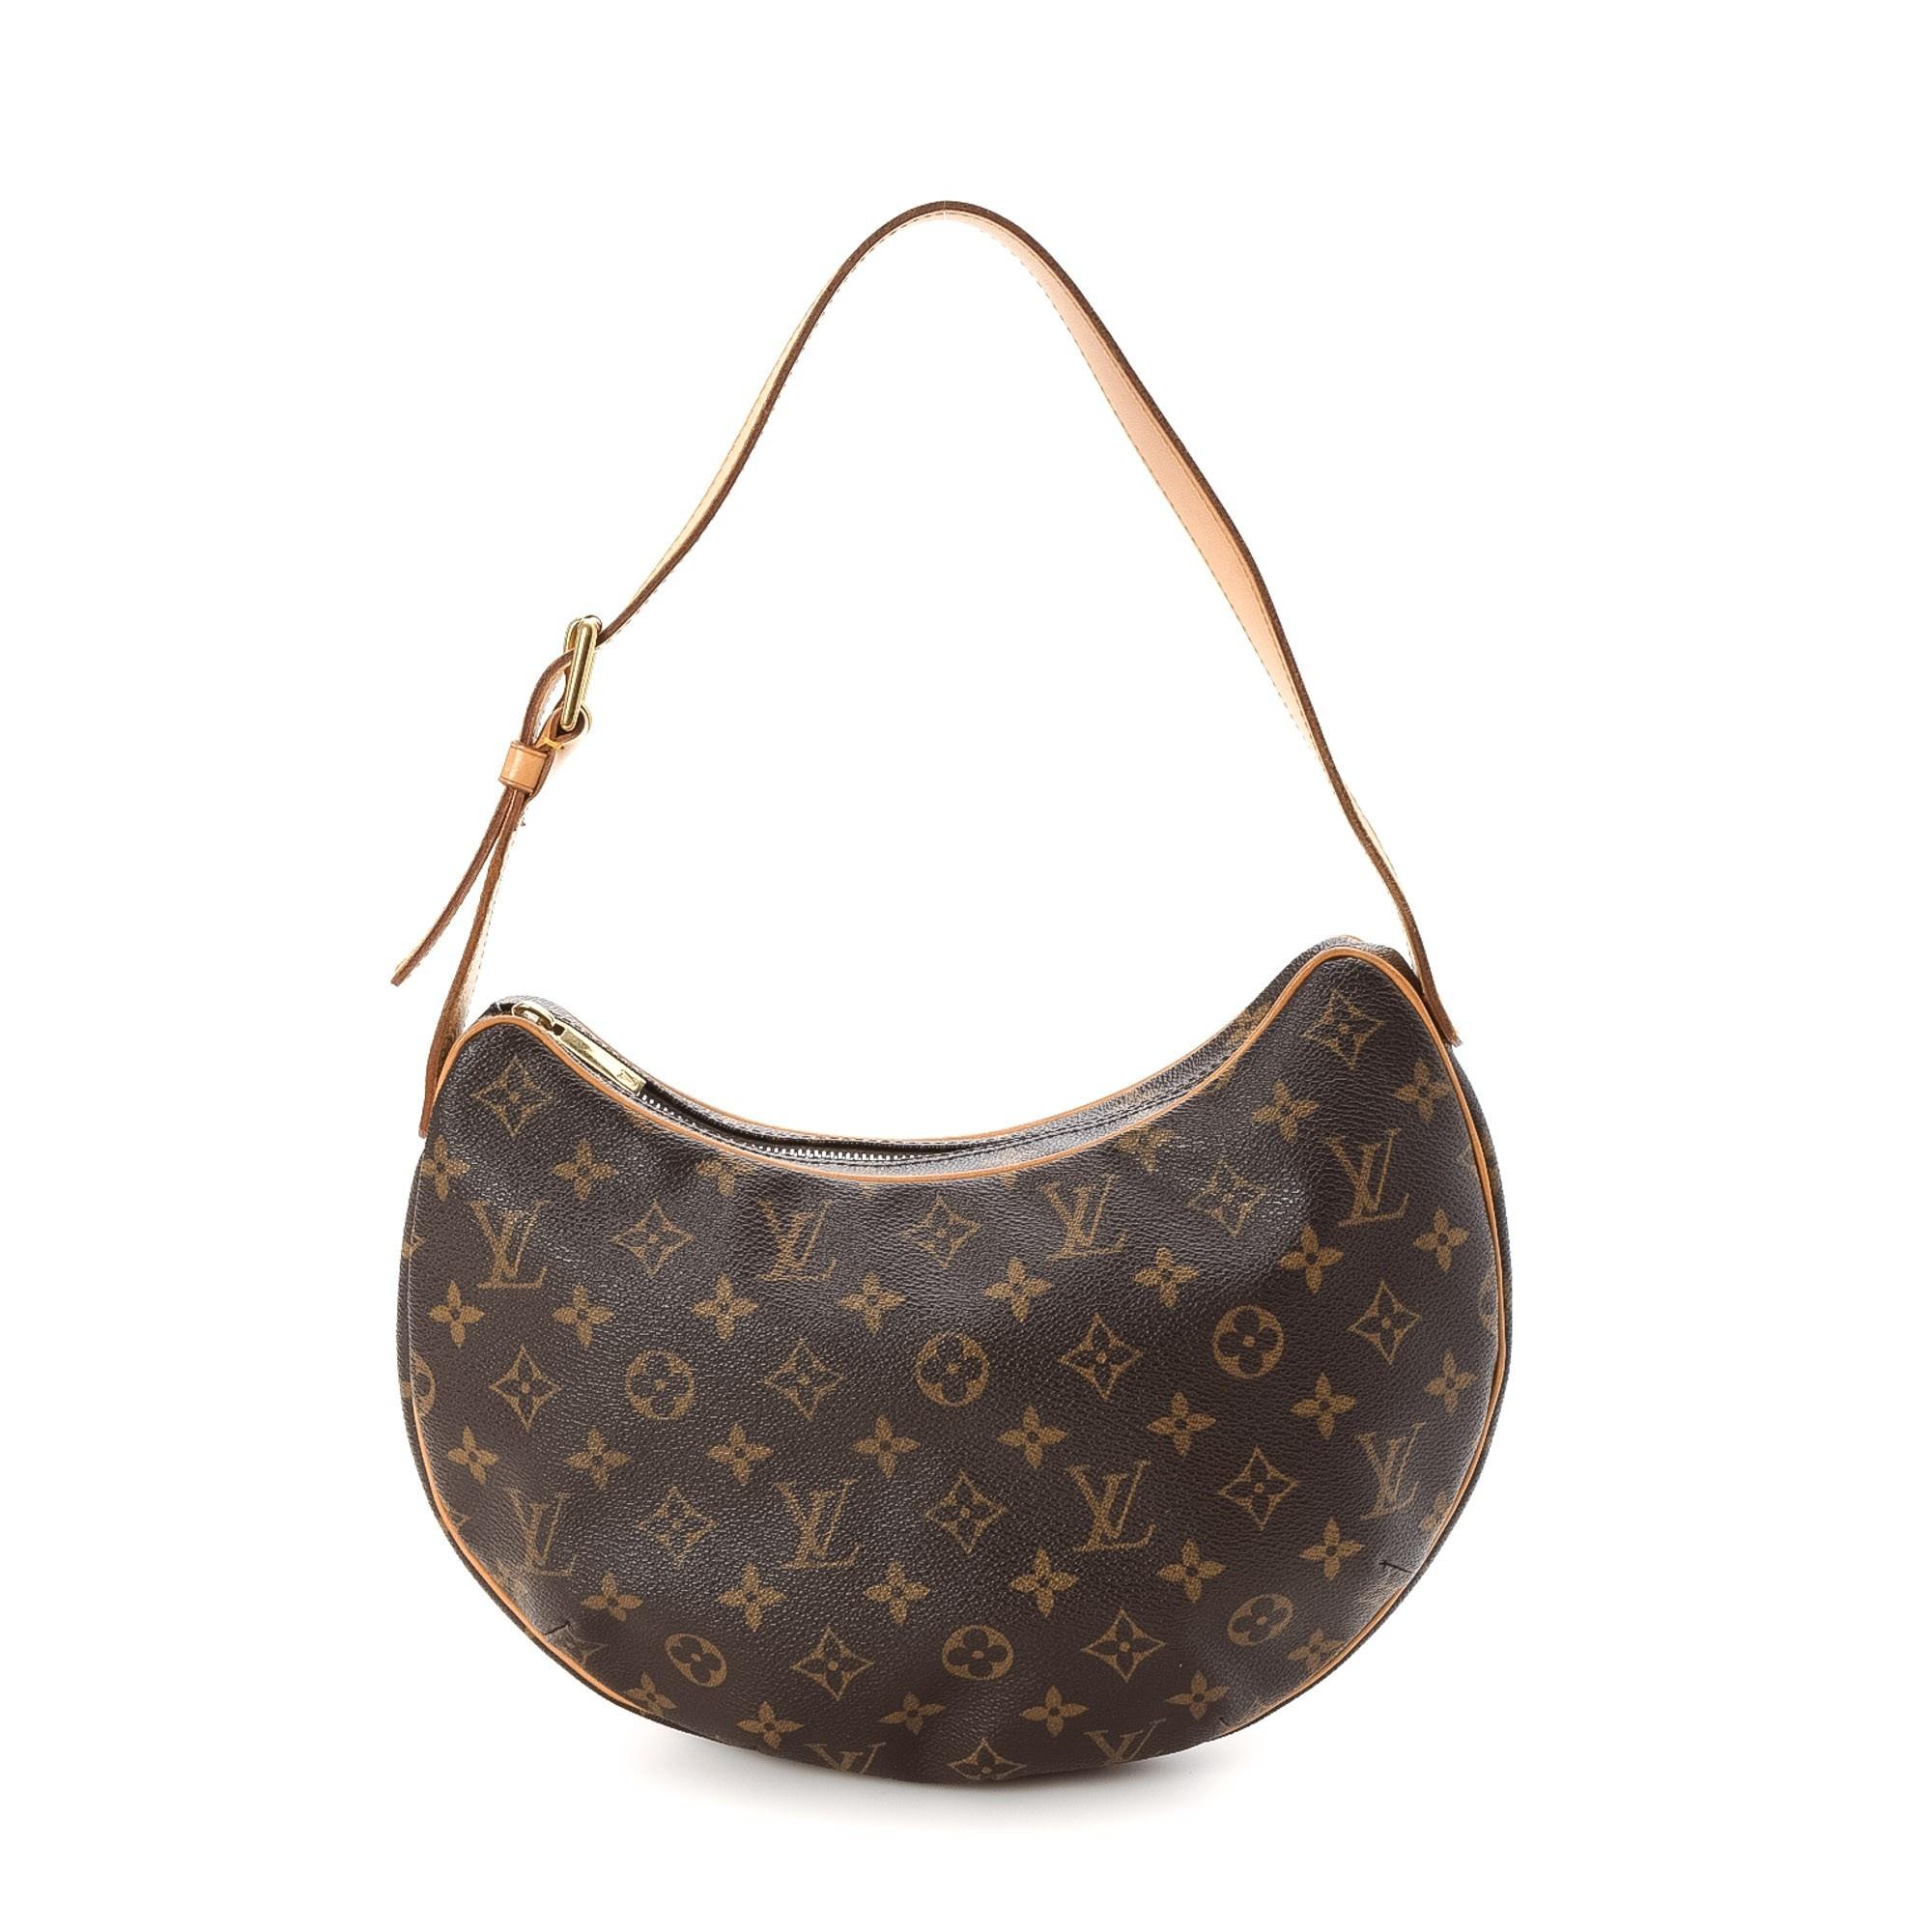 Louis Vuitton Croissant MM Monogram Brown Coated Canvas Shoulder Bag LXRCO